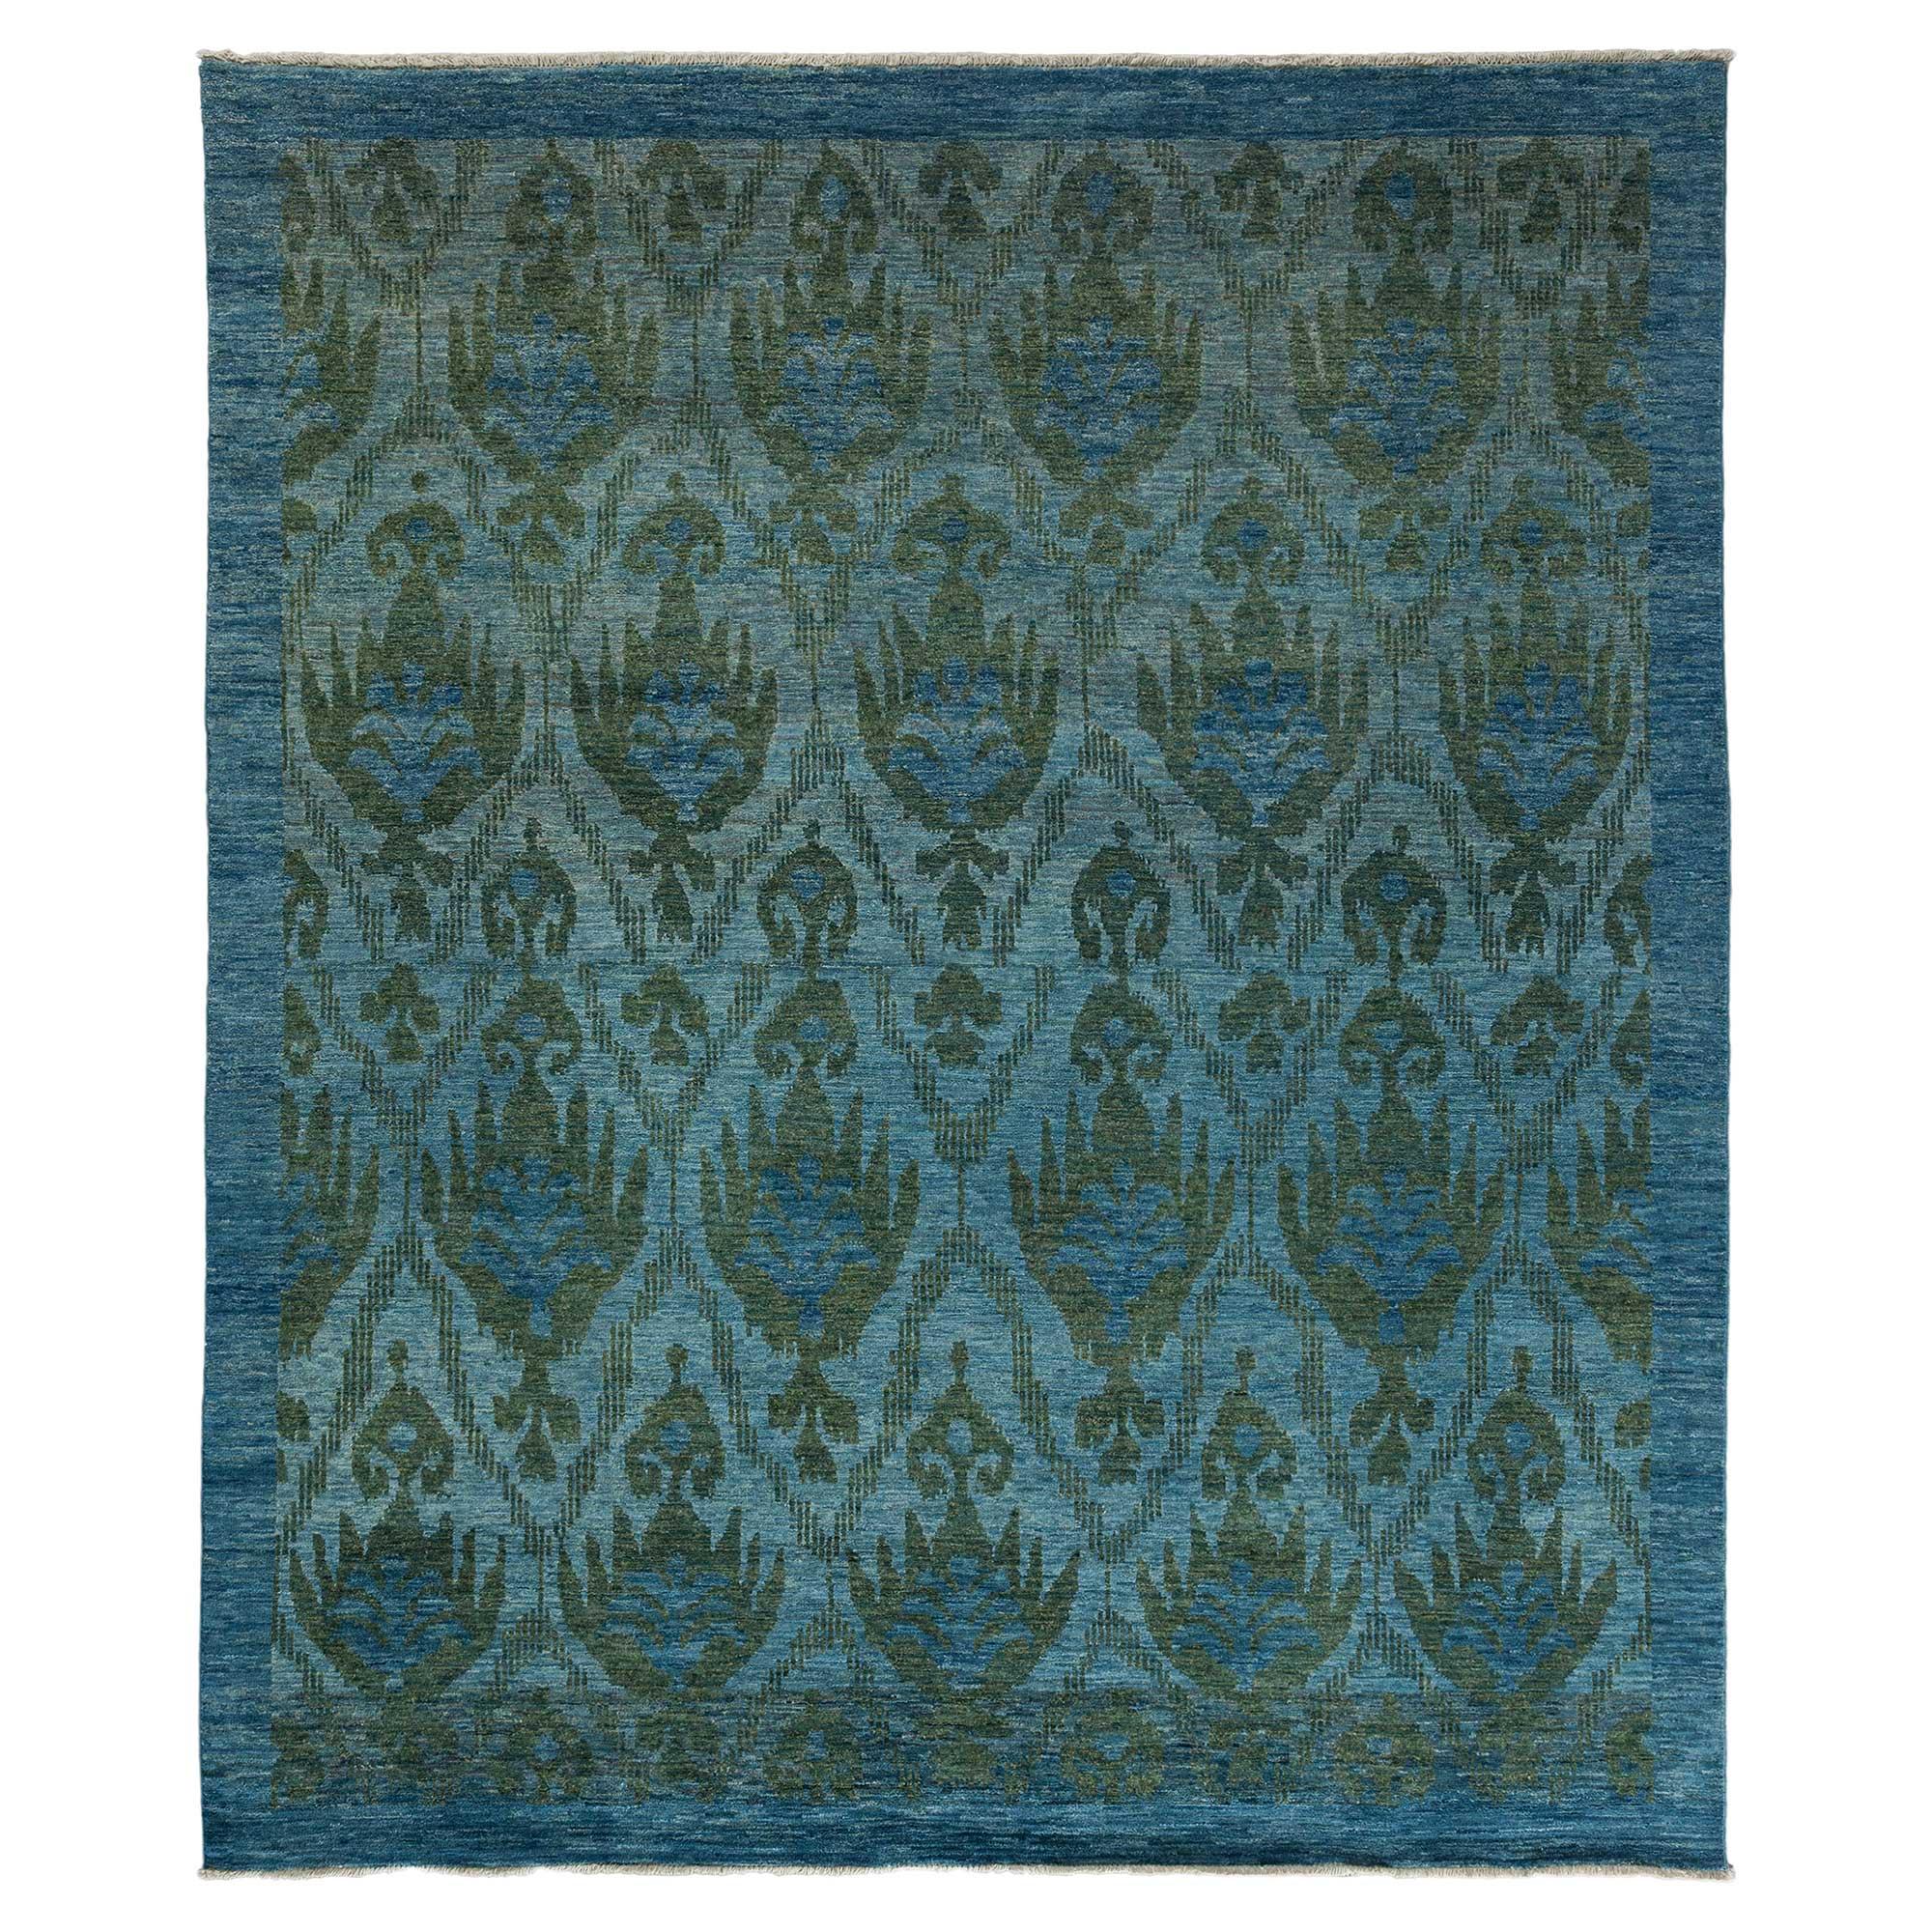 Lupe Regency Indigo Oushak Medallion Wool Rug - 8'4 x 10